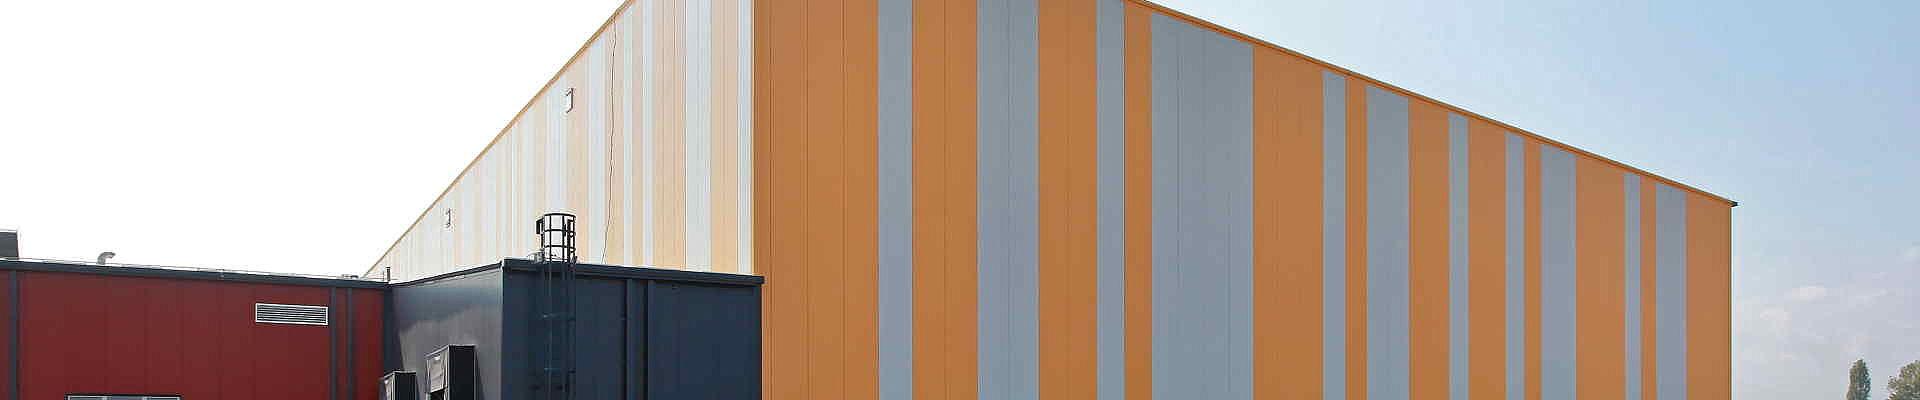 Fassadensanierungen und Fassadengestaltung